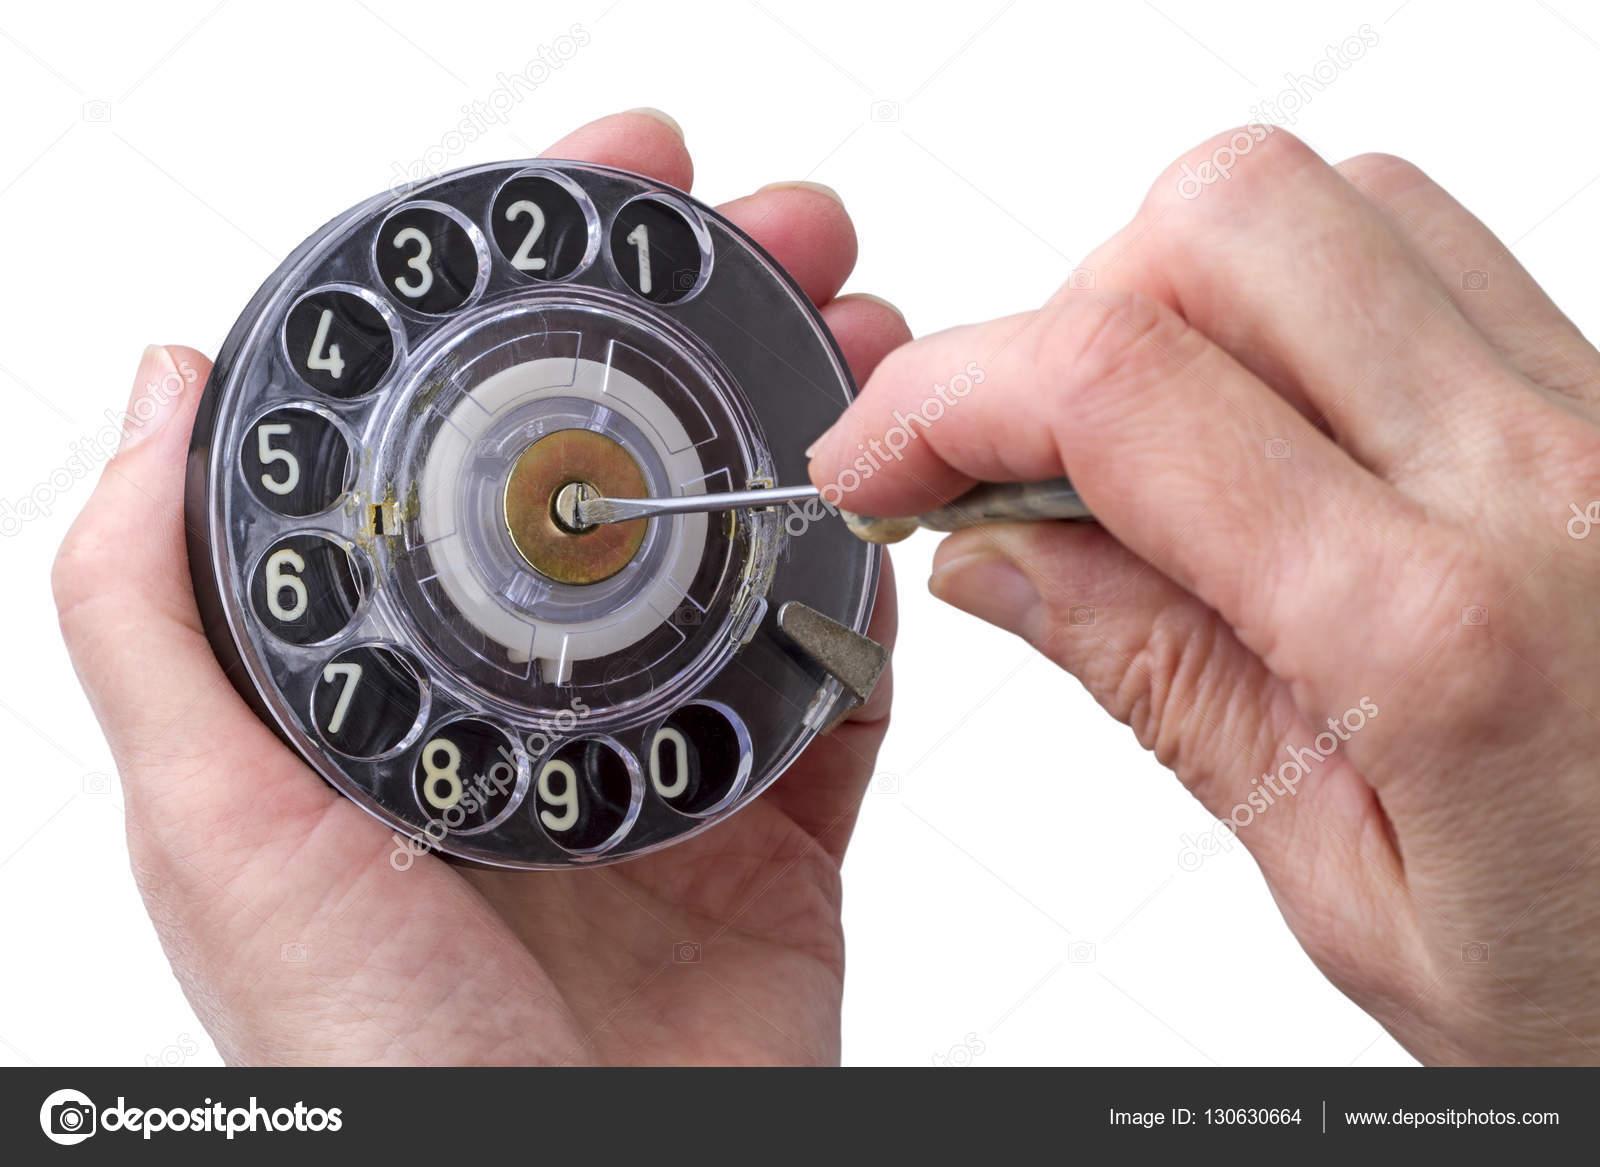 DA TELEFONICA DISCADOR GRATIS BAIXAR